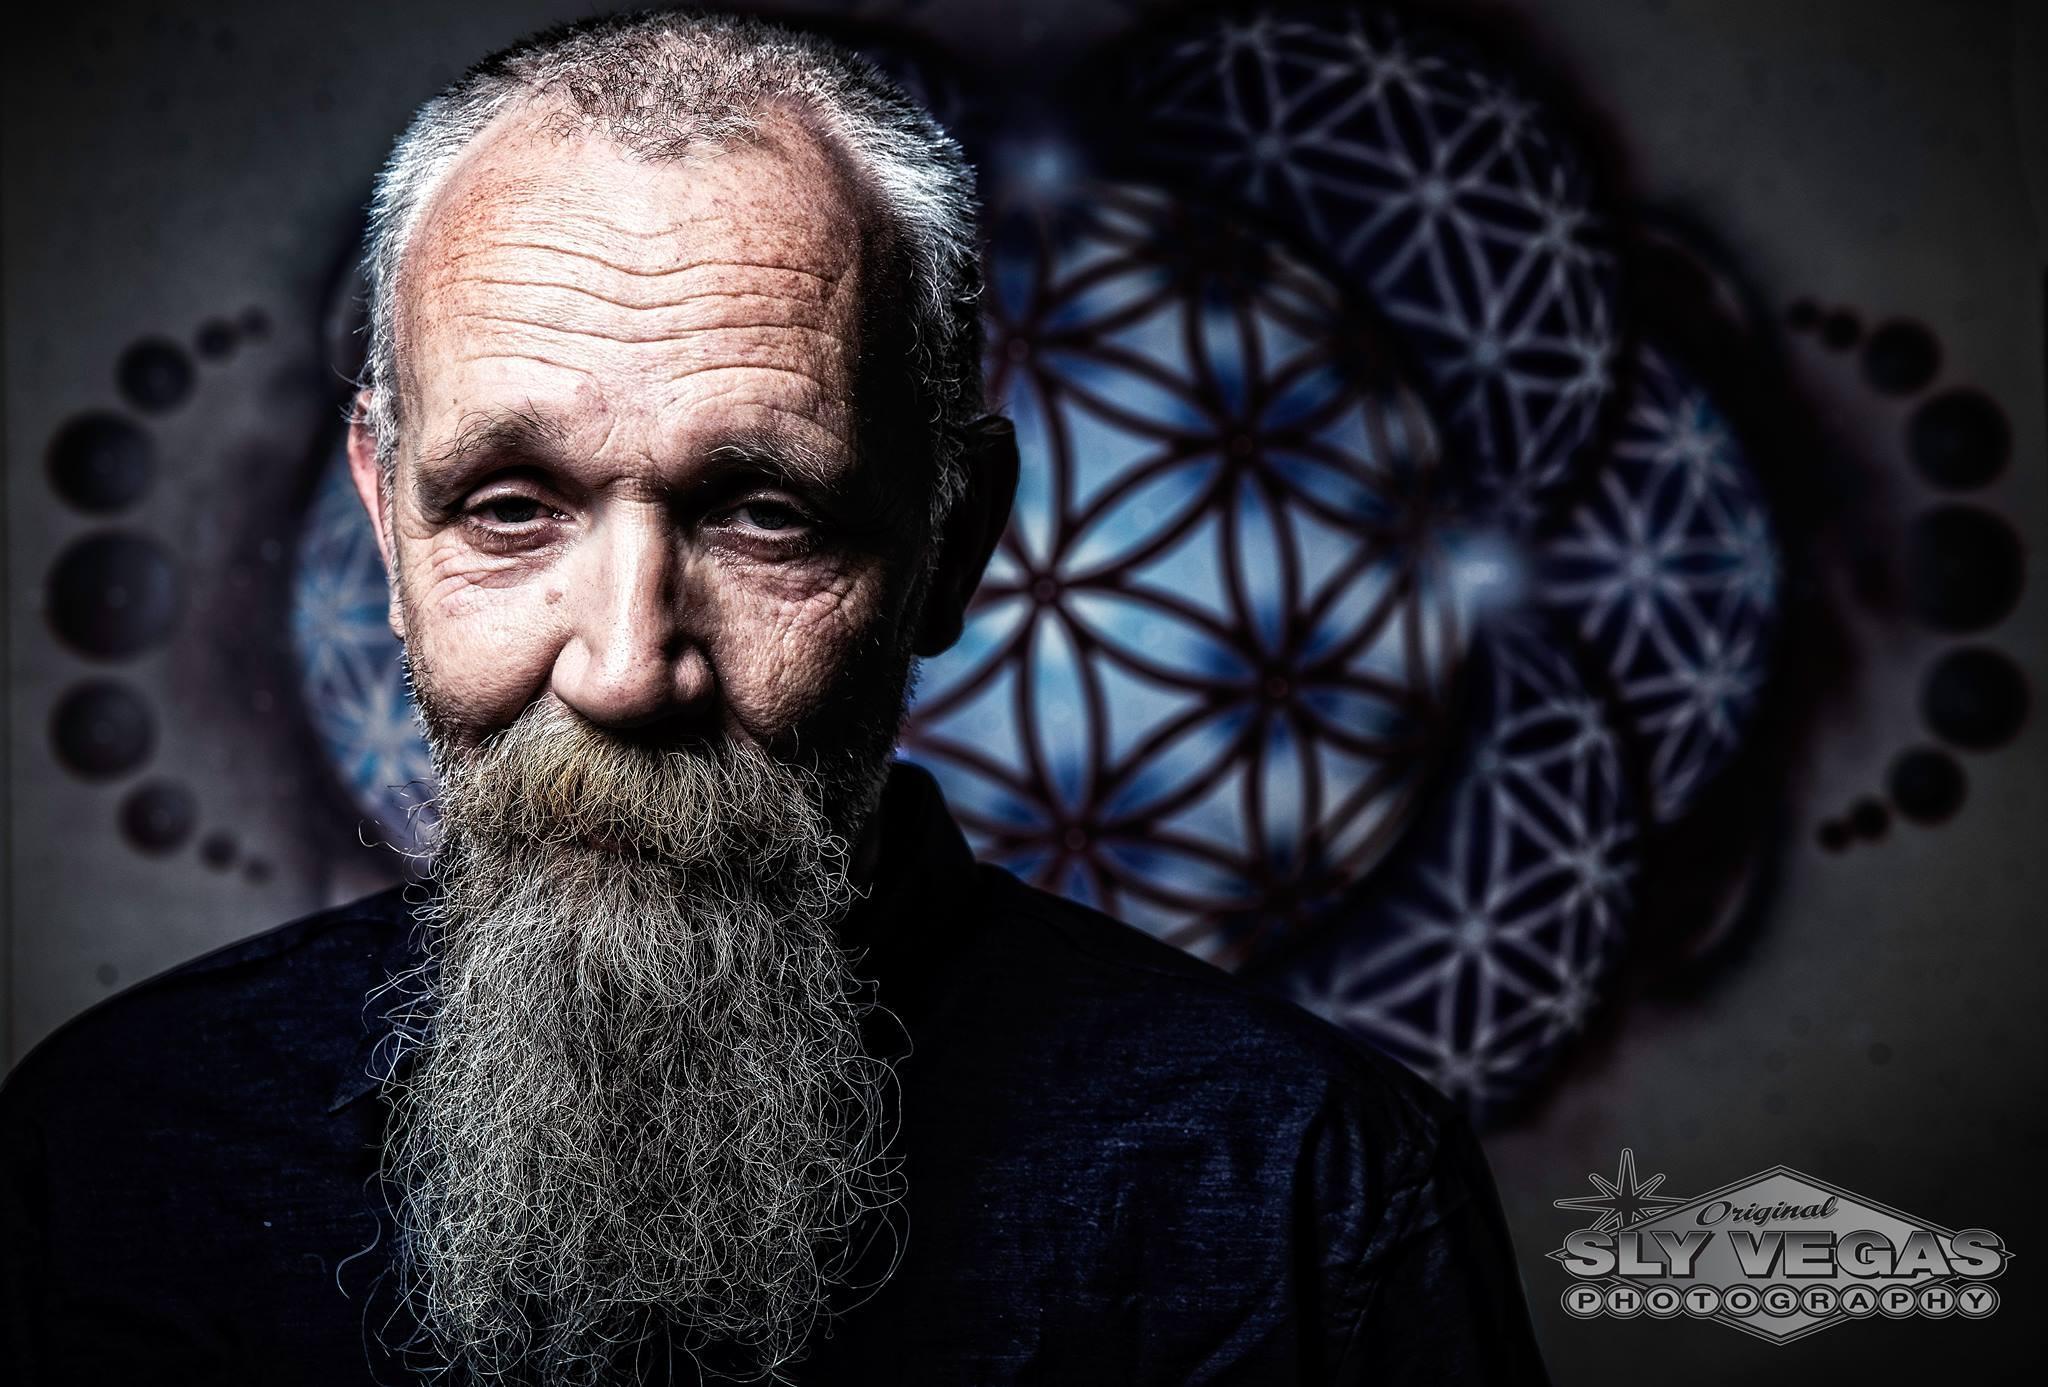 Rinus Beintema - ex-hardcore wietkweker - kweekt nu vooral wiet voor de wietolie van zijn medische social club patiënten, wat overblijft gaat naar de coffeeshops als het aan hem ligt.